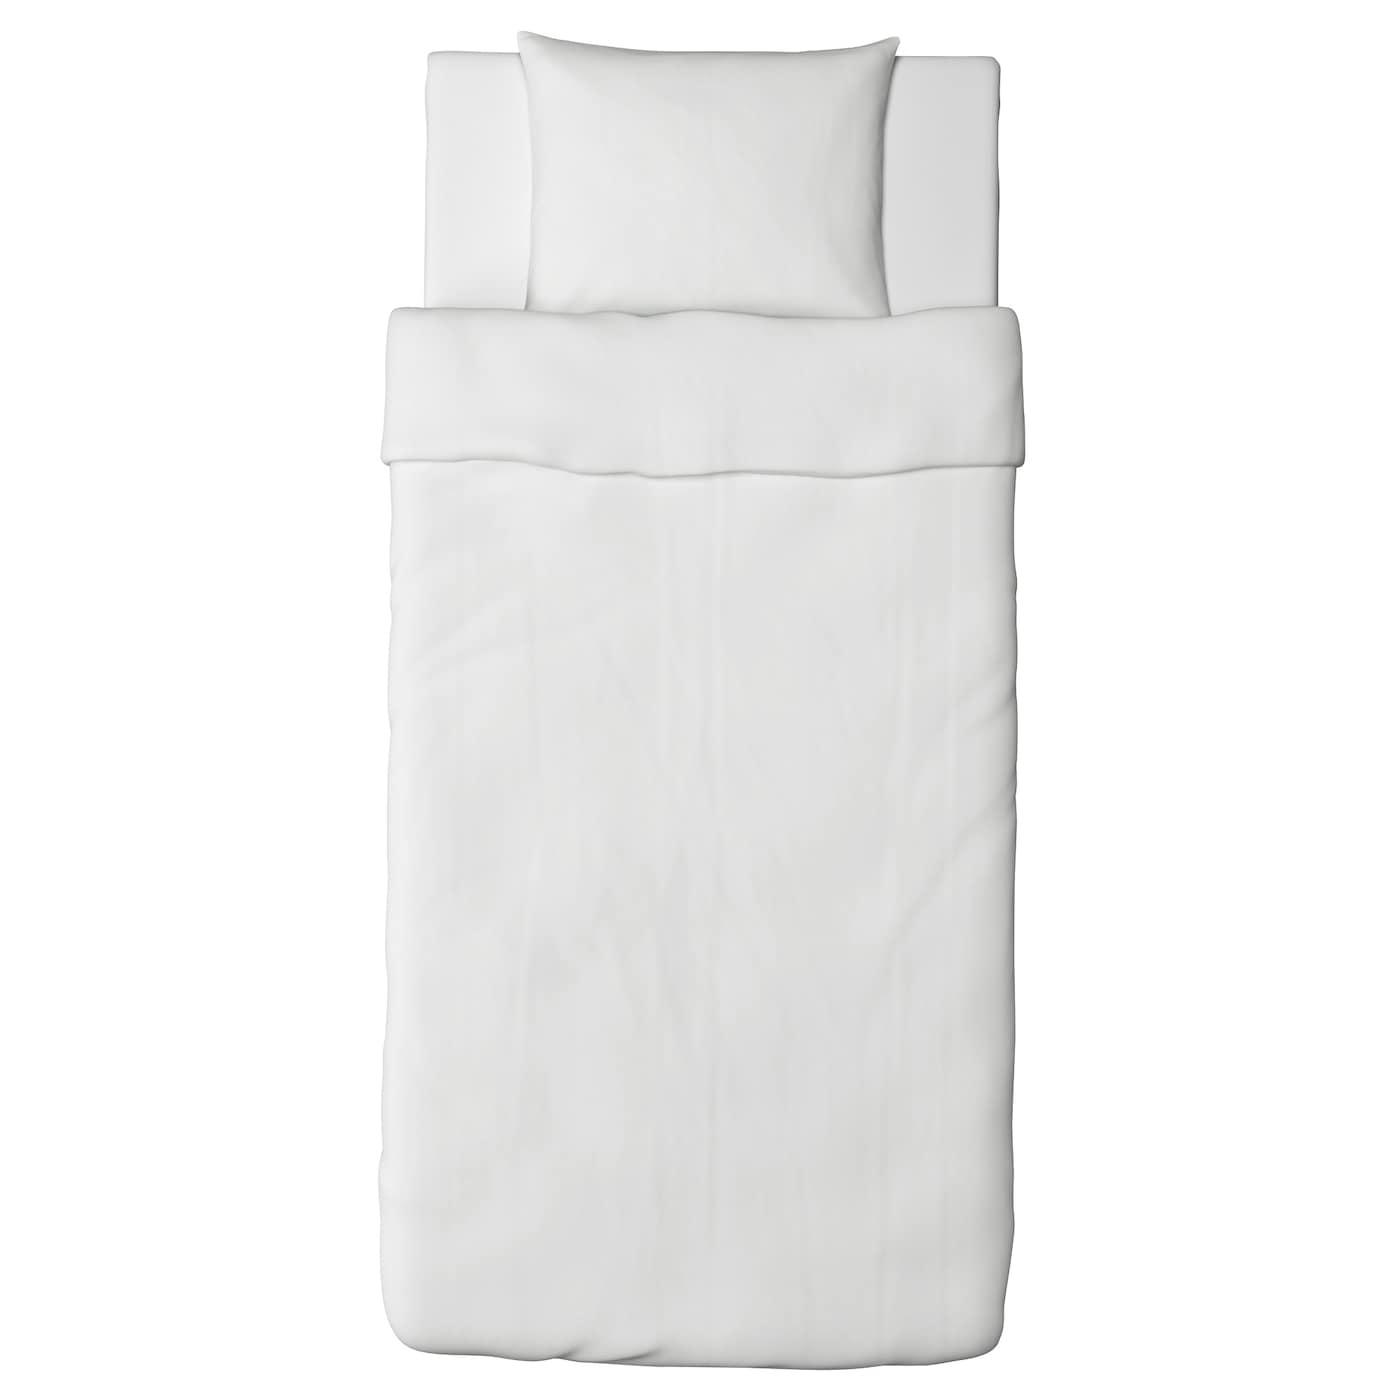 dvala housse de couette et taie blanc 150 x 200 50 x 60 cm ikea. Black Bedroom Furniture Sets. Home Design Ideas